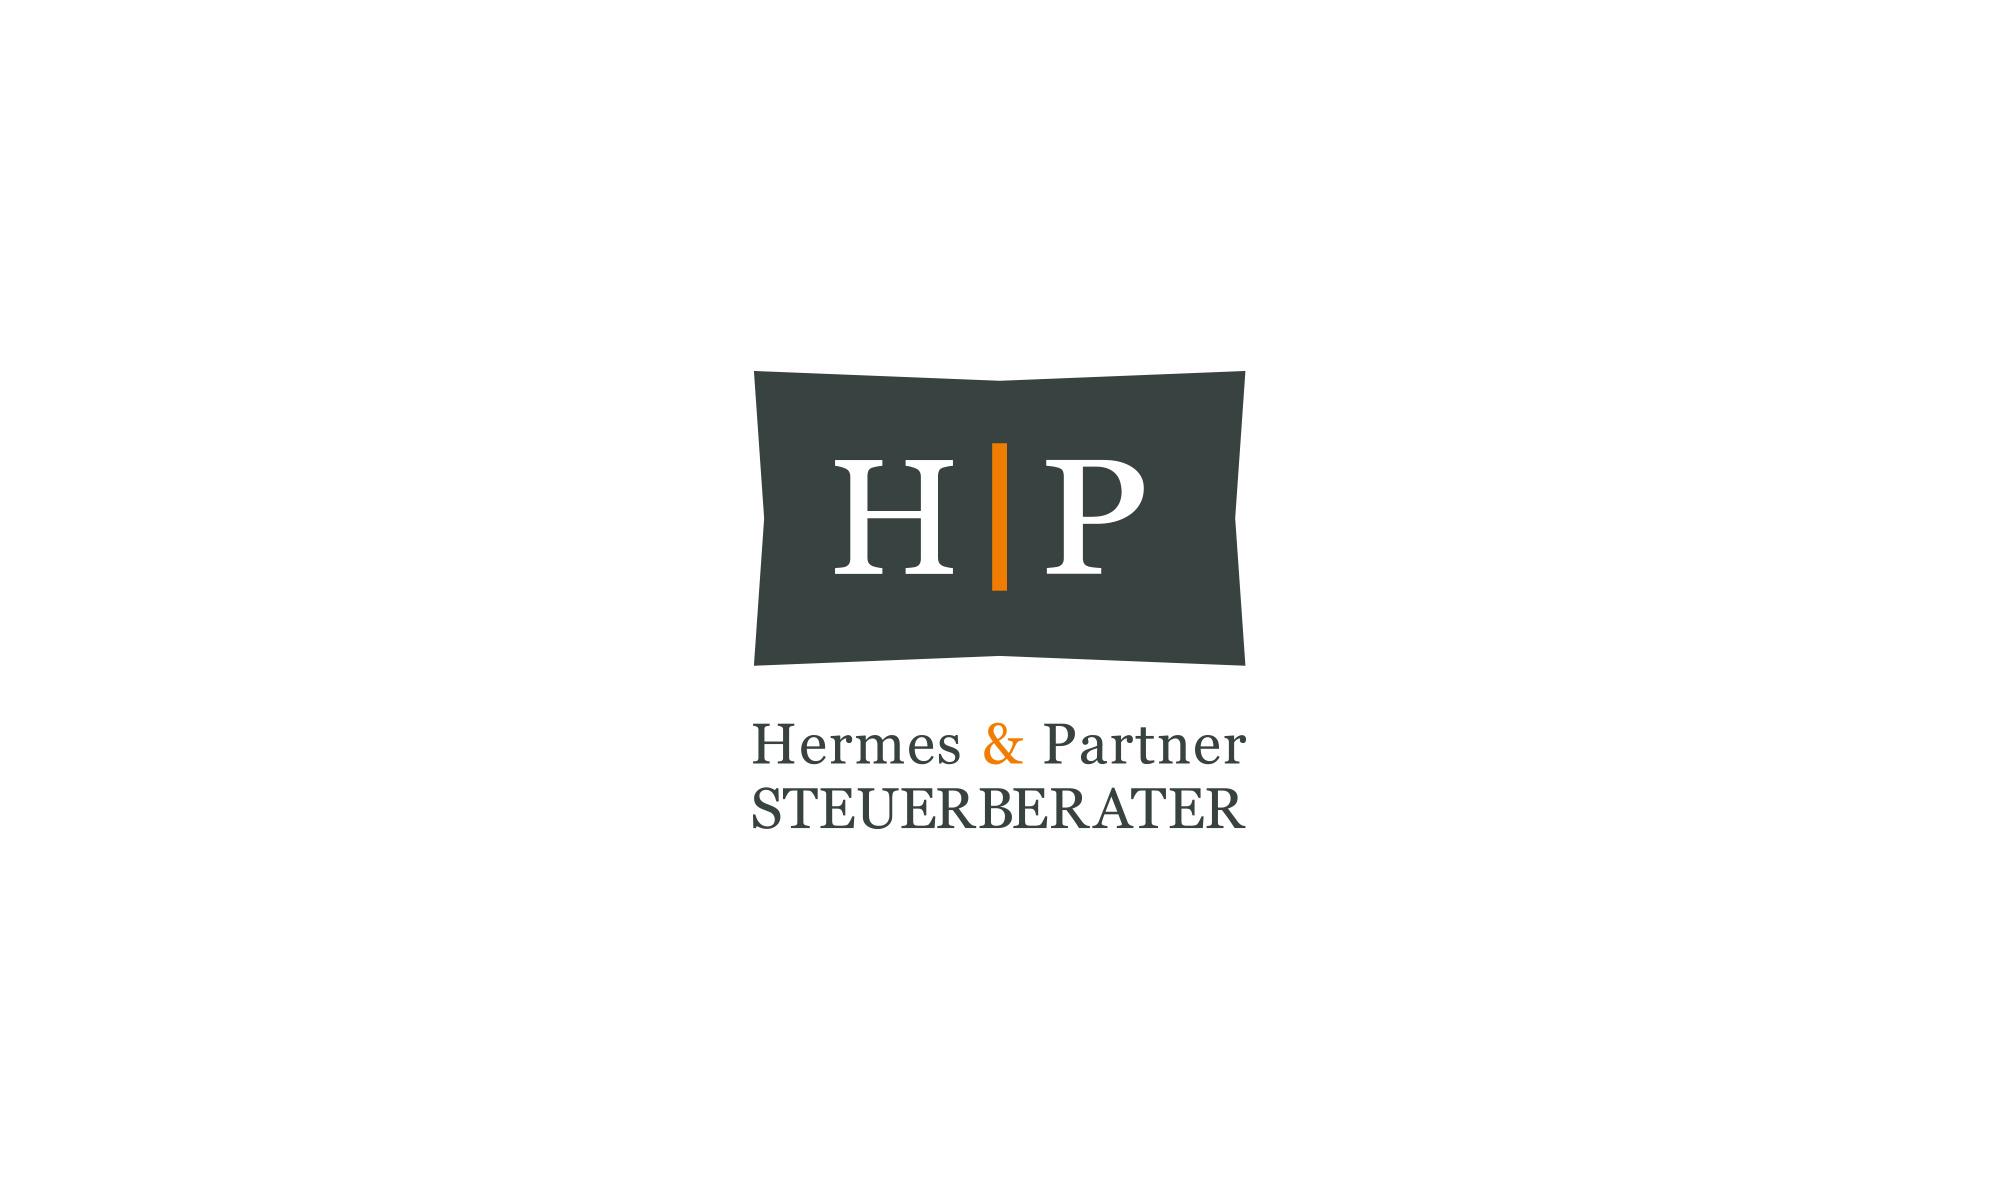 ref-hup-logo